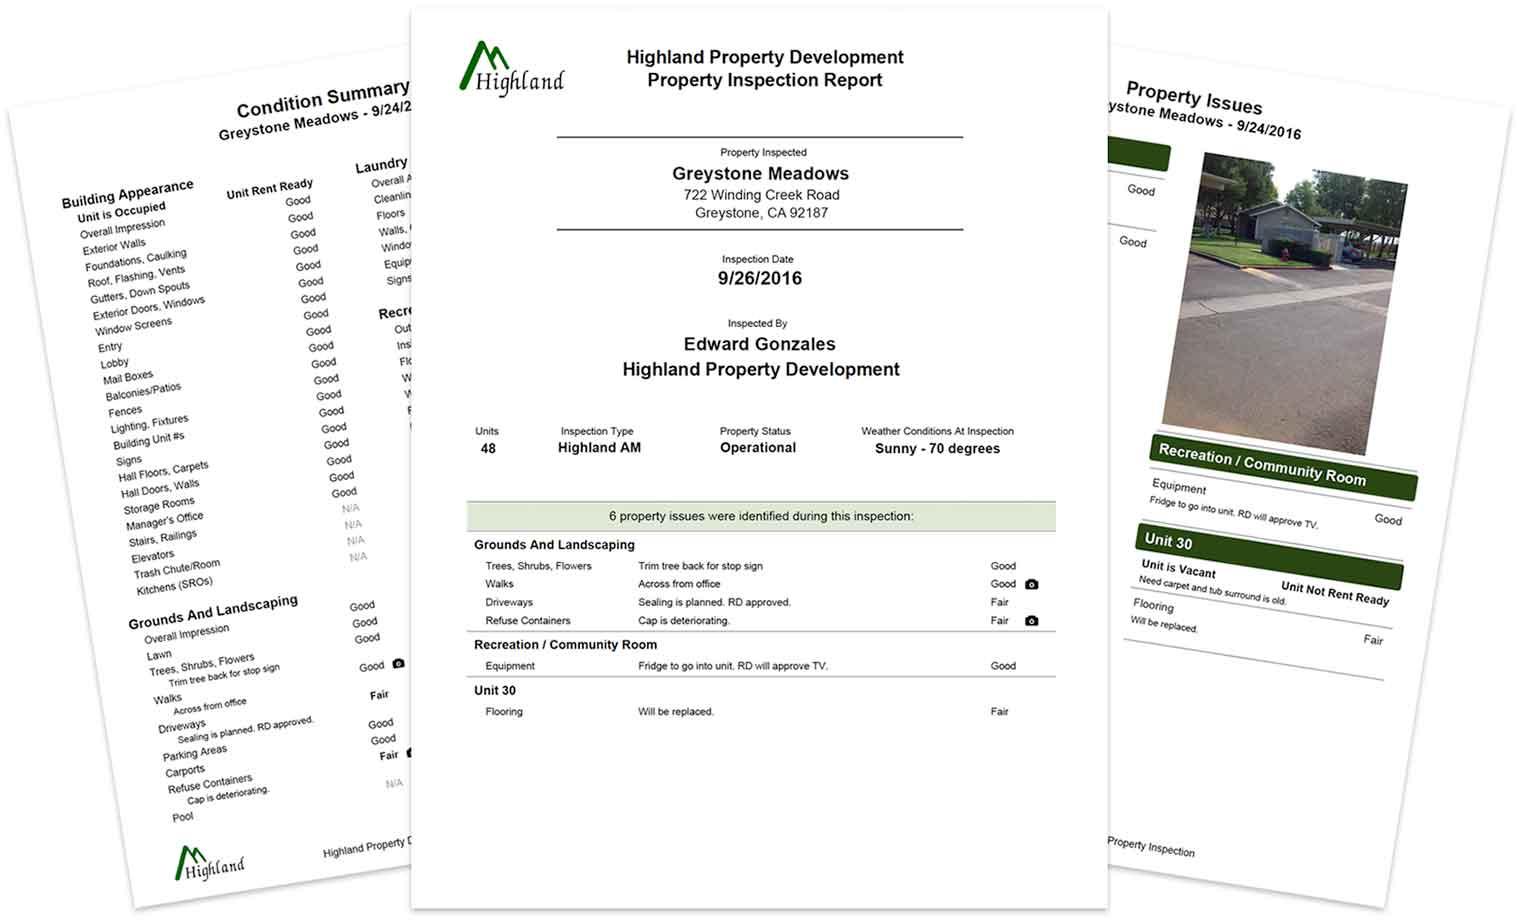 Highland Property Development website screenshots